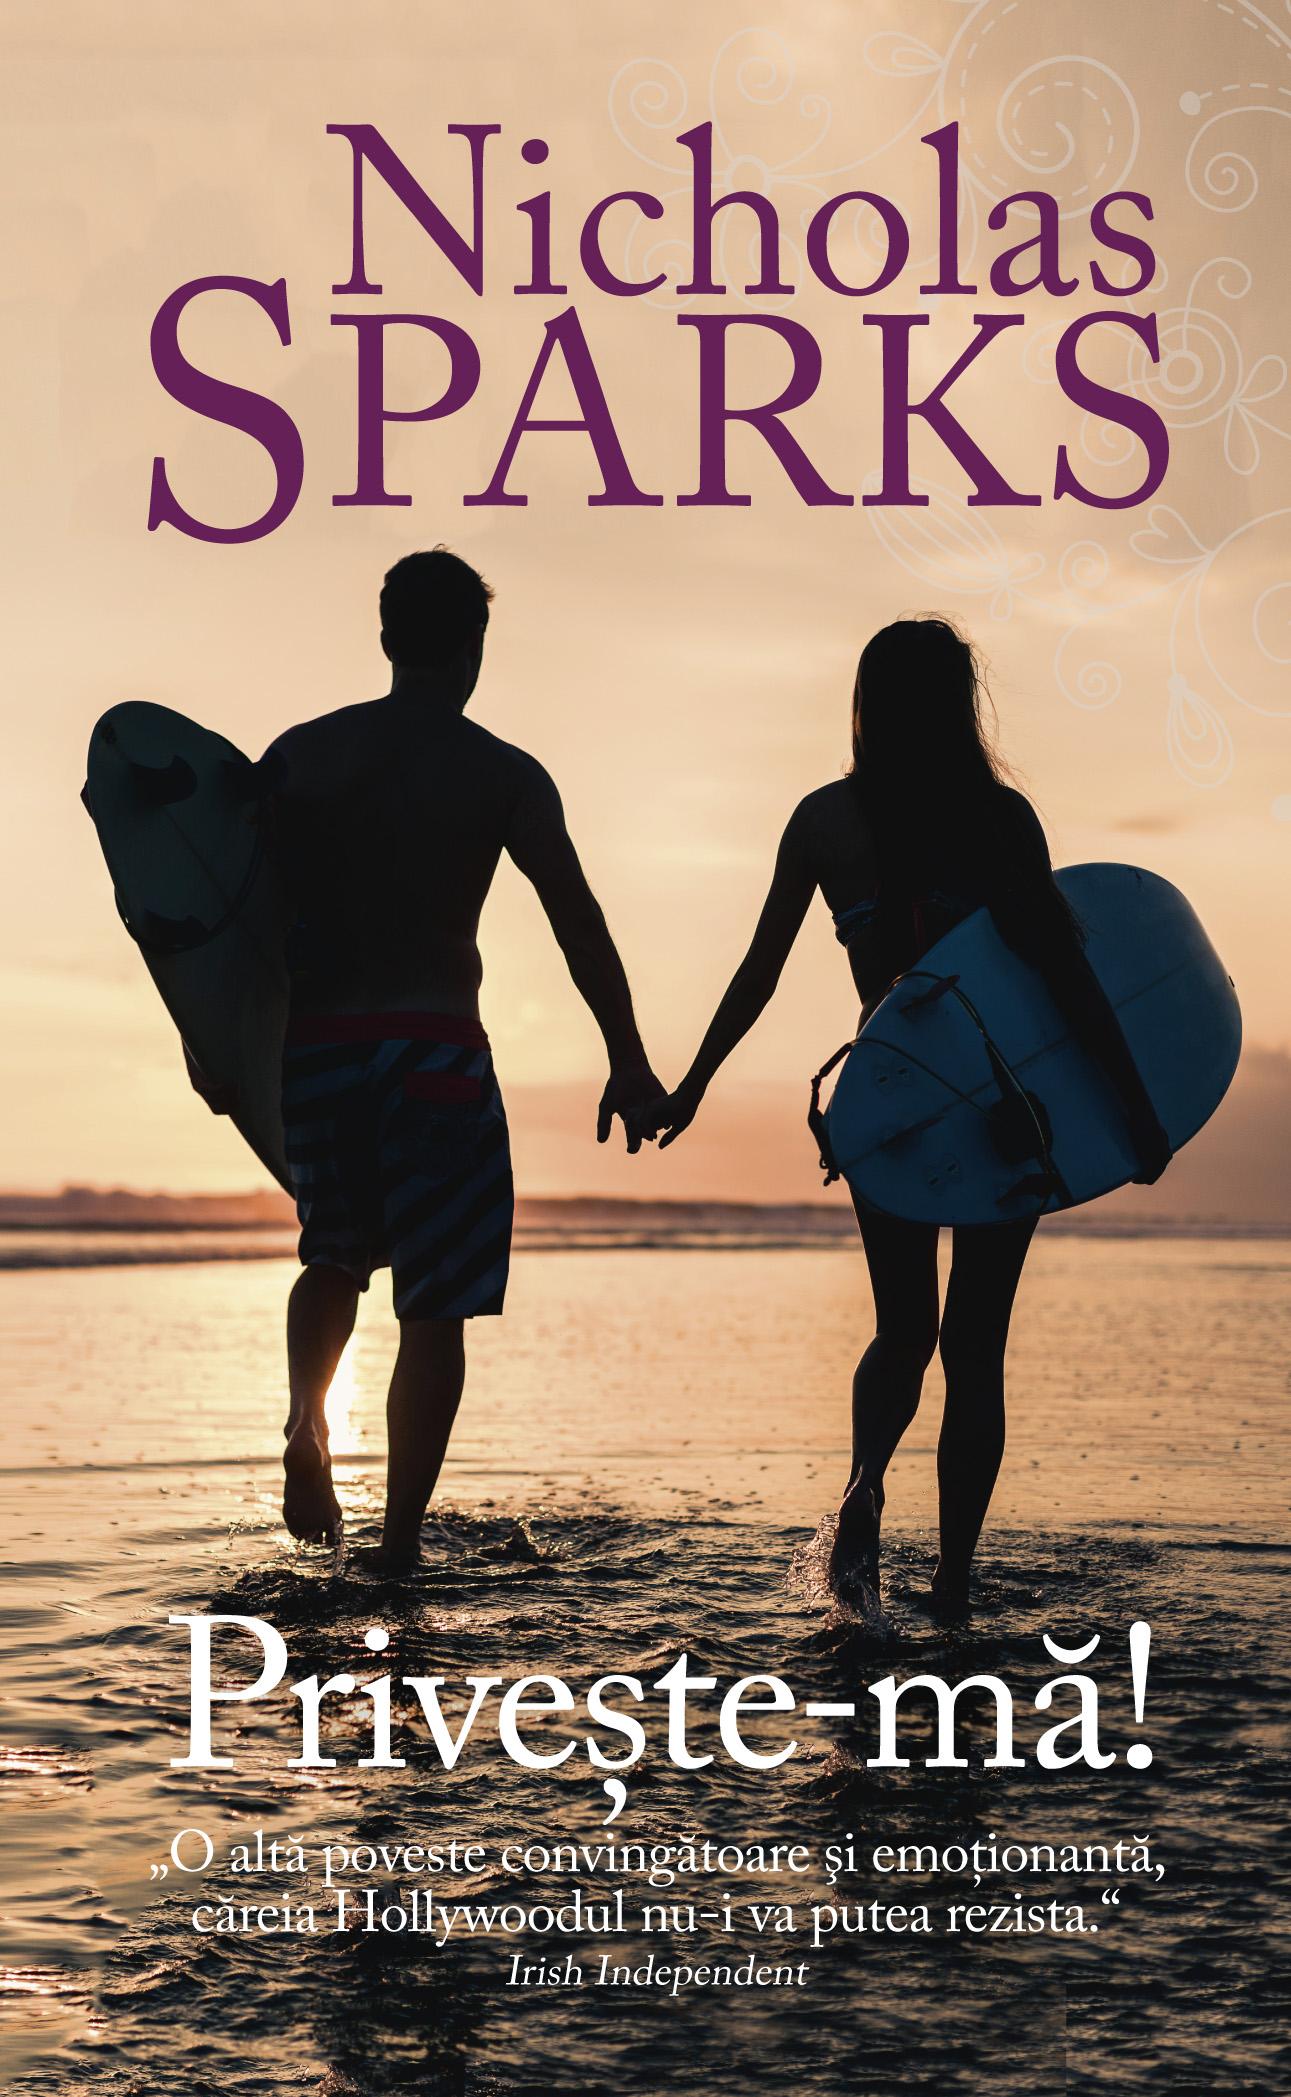 Priveste-ma! | Nicholas Sparks